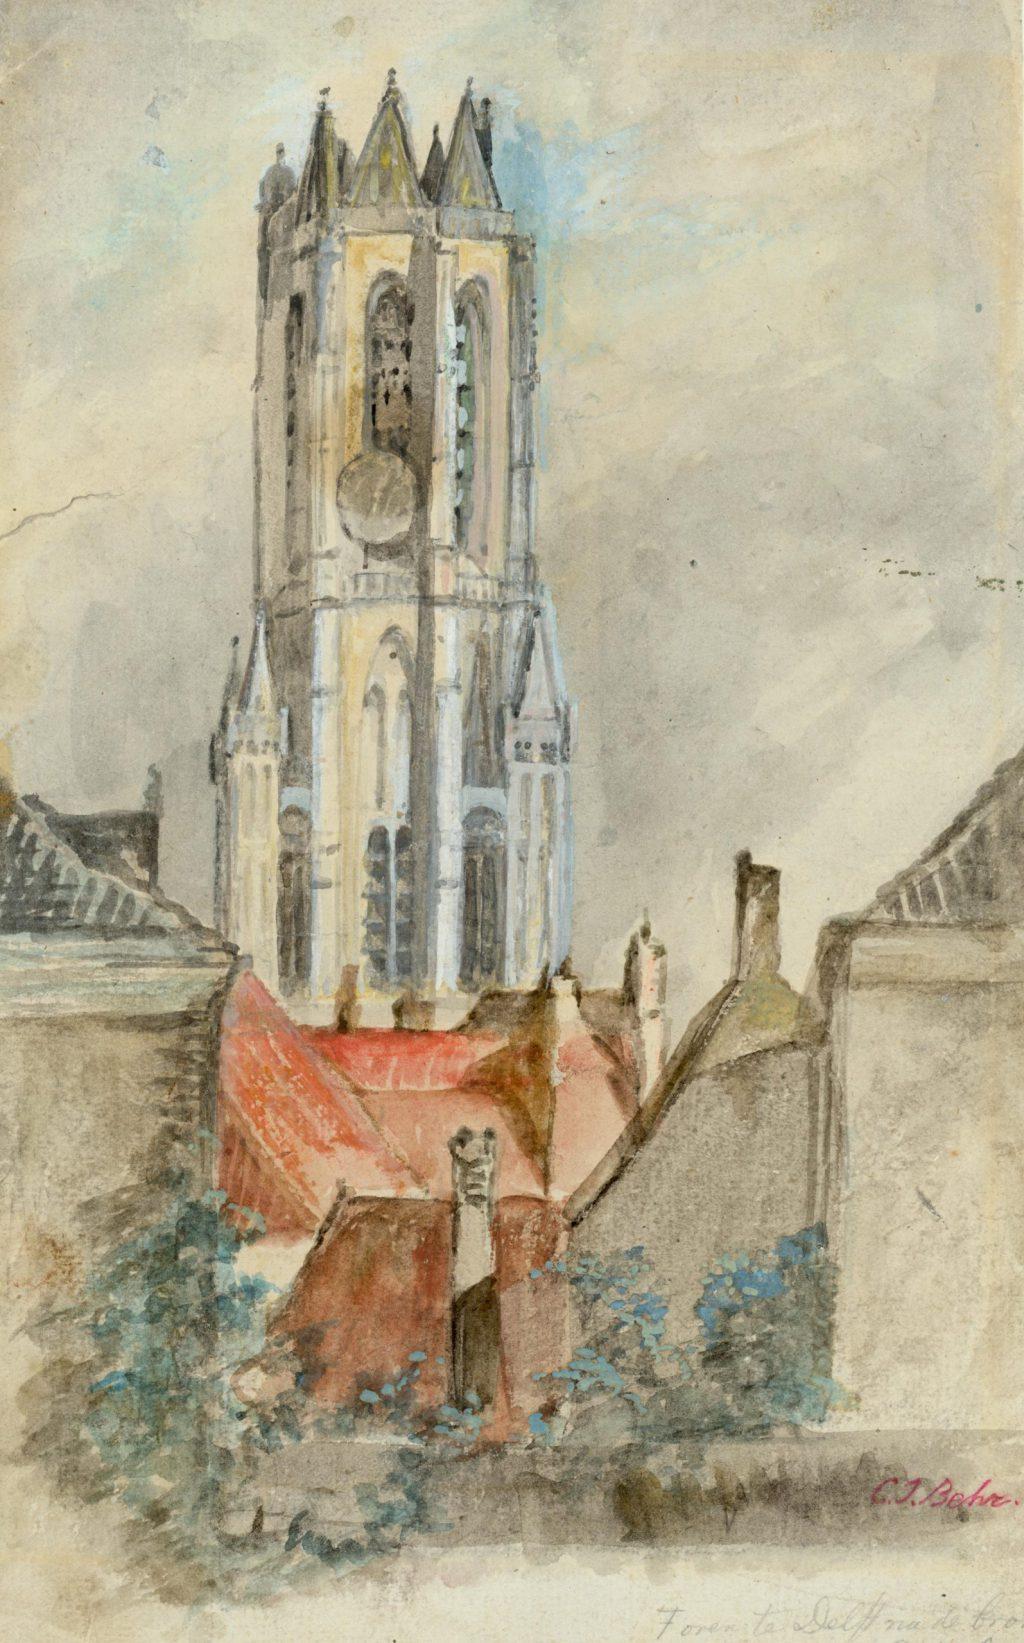 C.J. Behr, Nieuwe Kerk zonder torenspits, 1872 (TMS 5889)